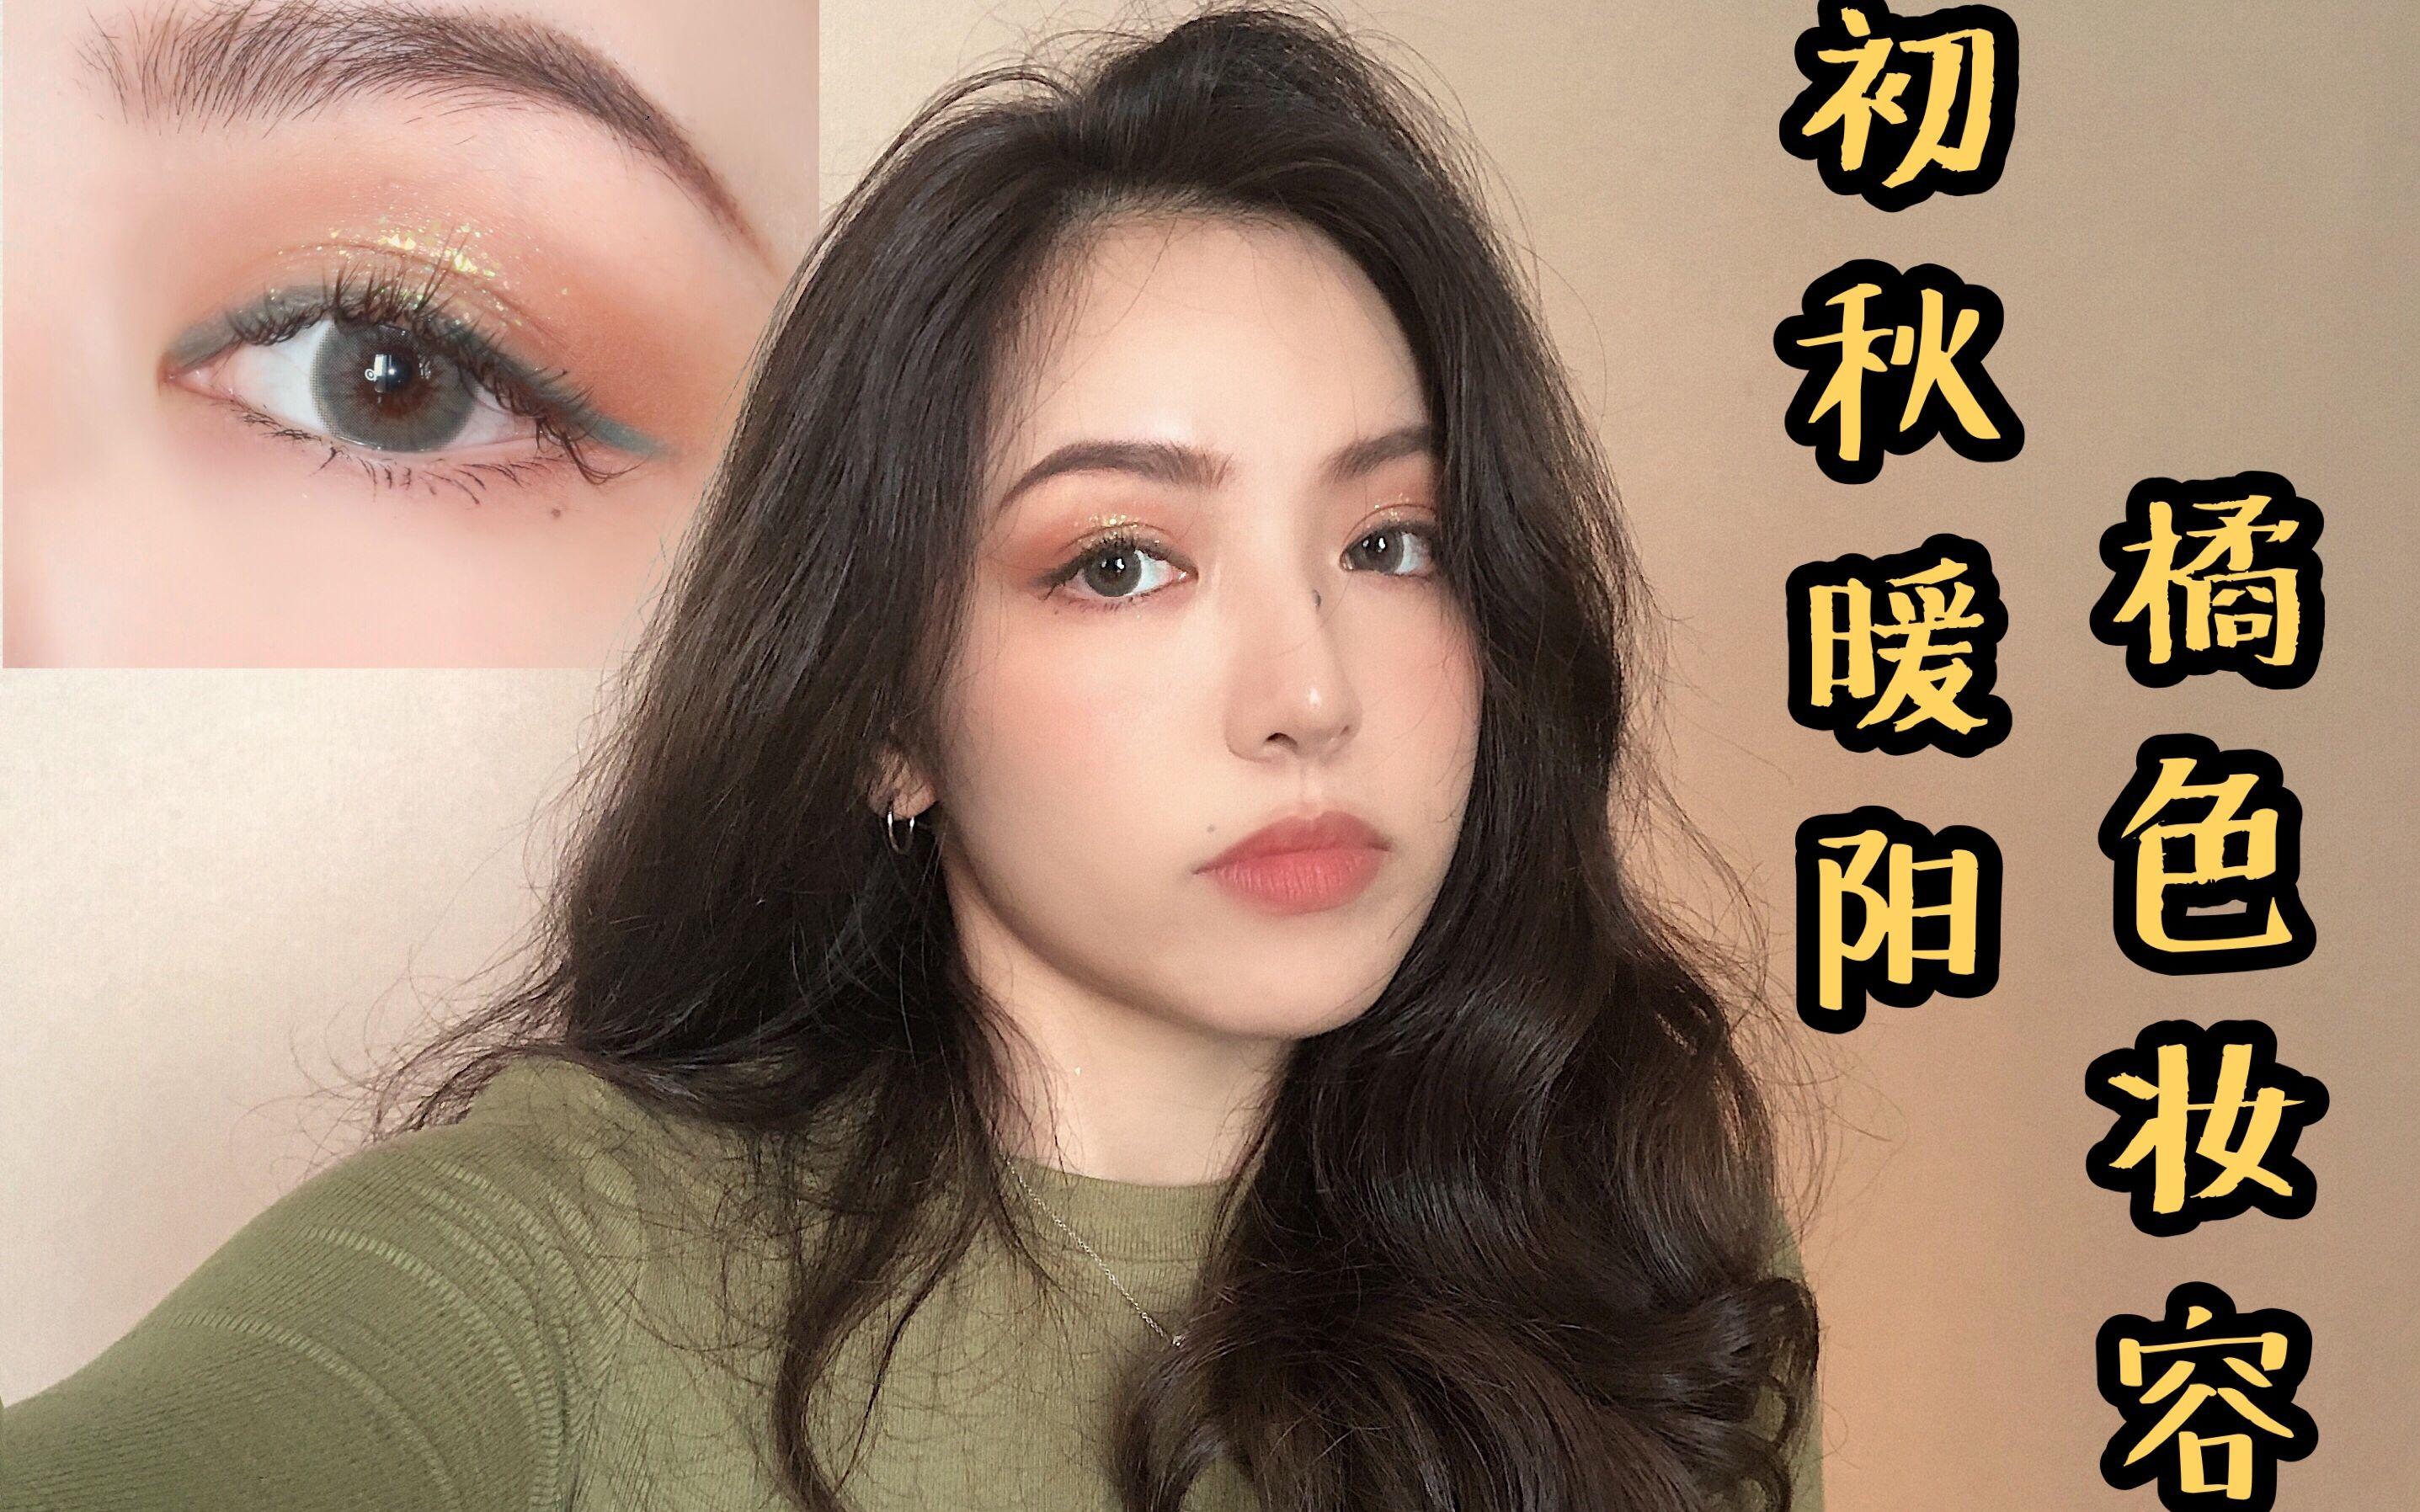 【梨】干货向|超详细新手眼妆教程|初秋暖阳橘色妆容分享